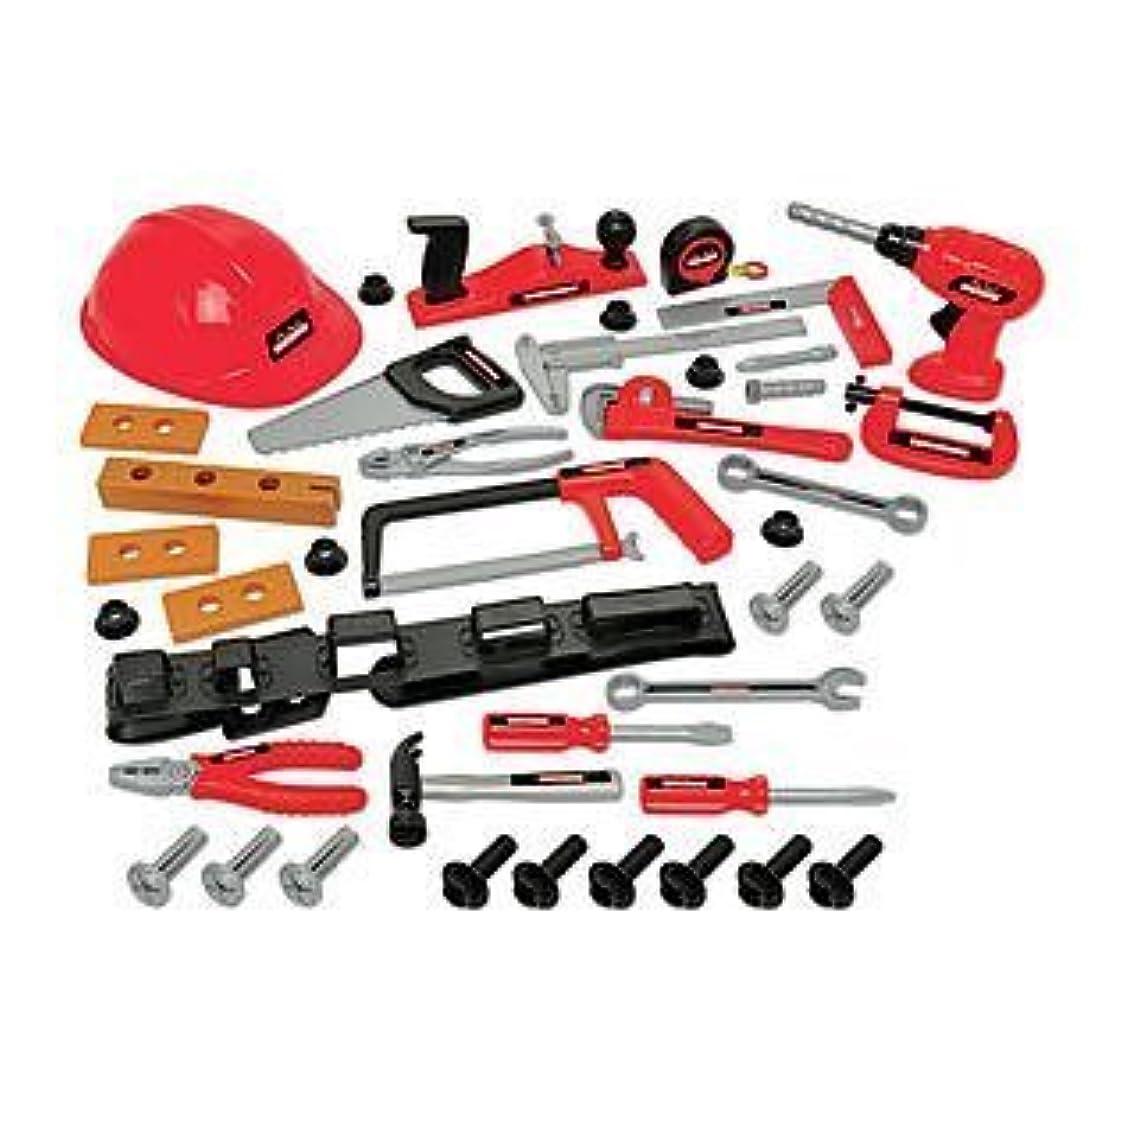 挑発するノイズ前にMy First Craftsman 44pcs Tool Set with Helmet [並行輸入品]